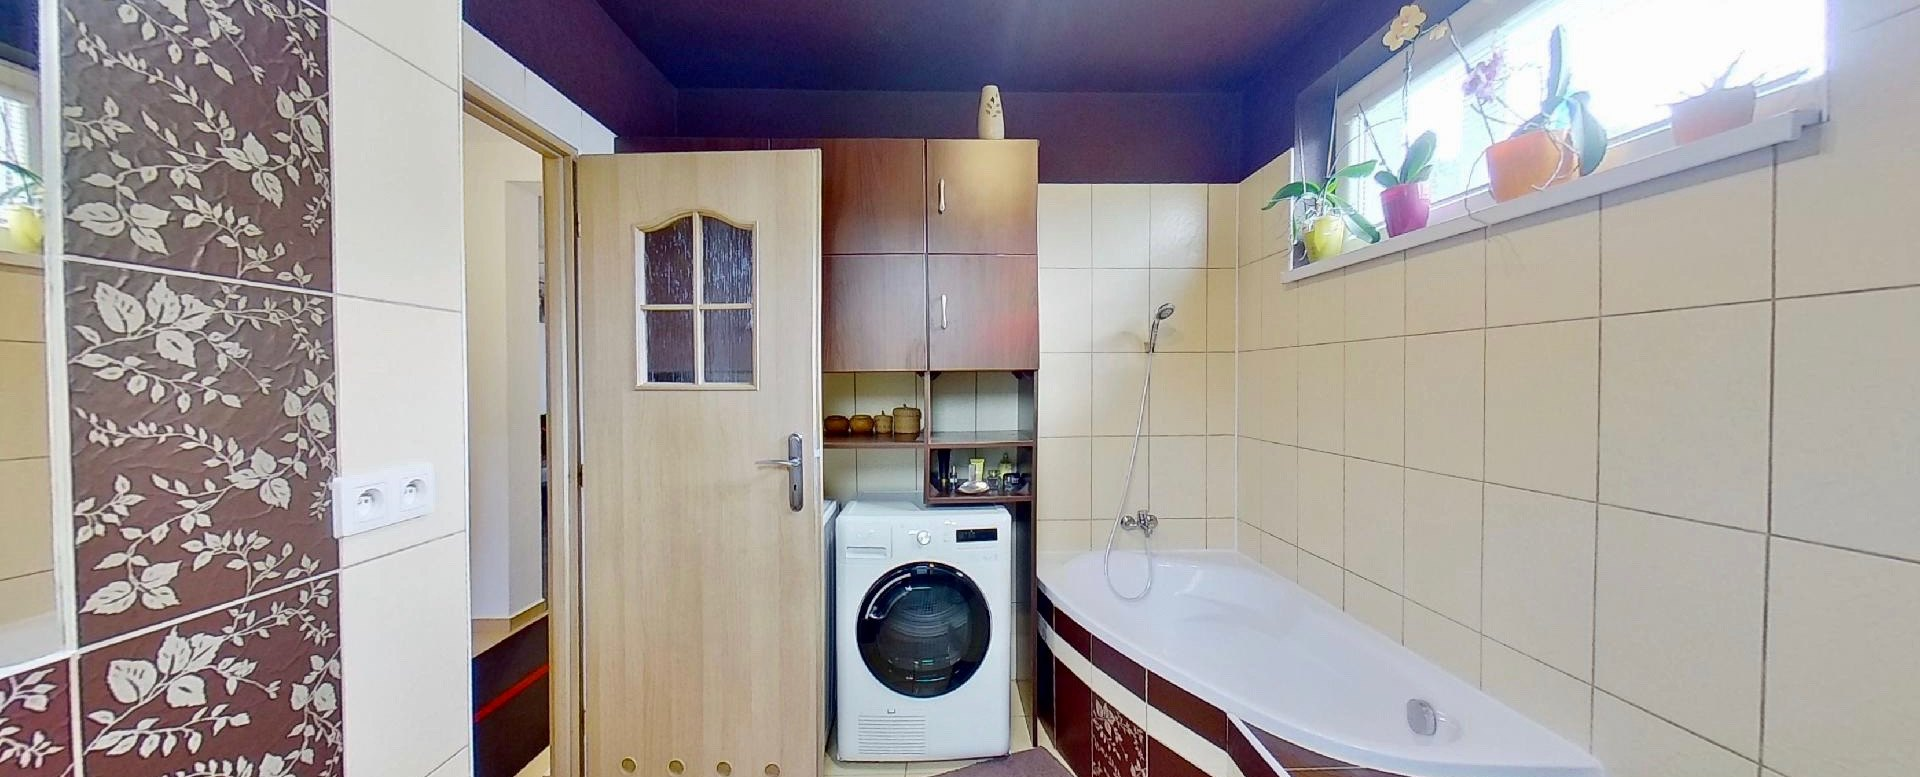 vaňa a práčka v kúpeľni